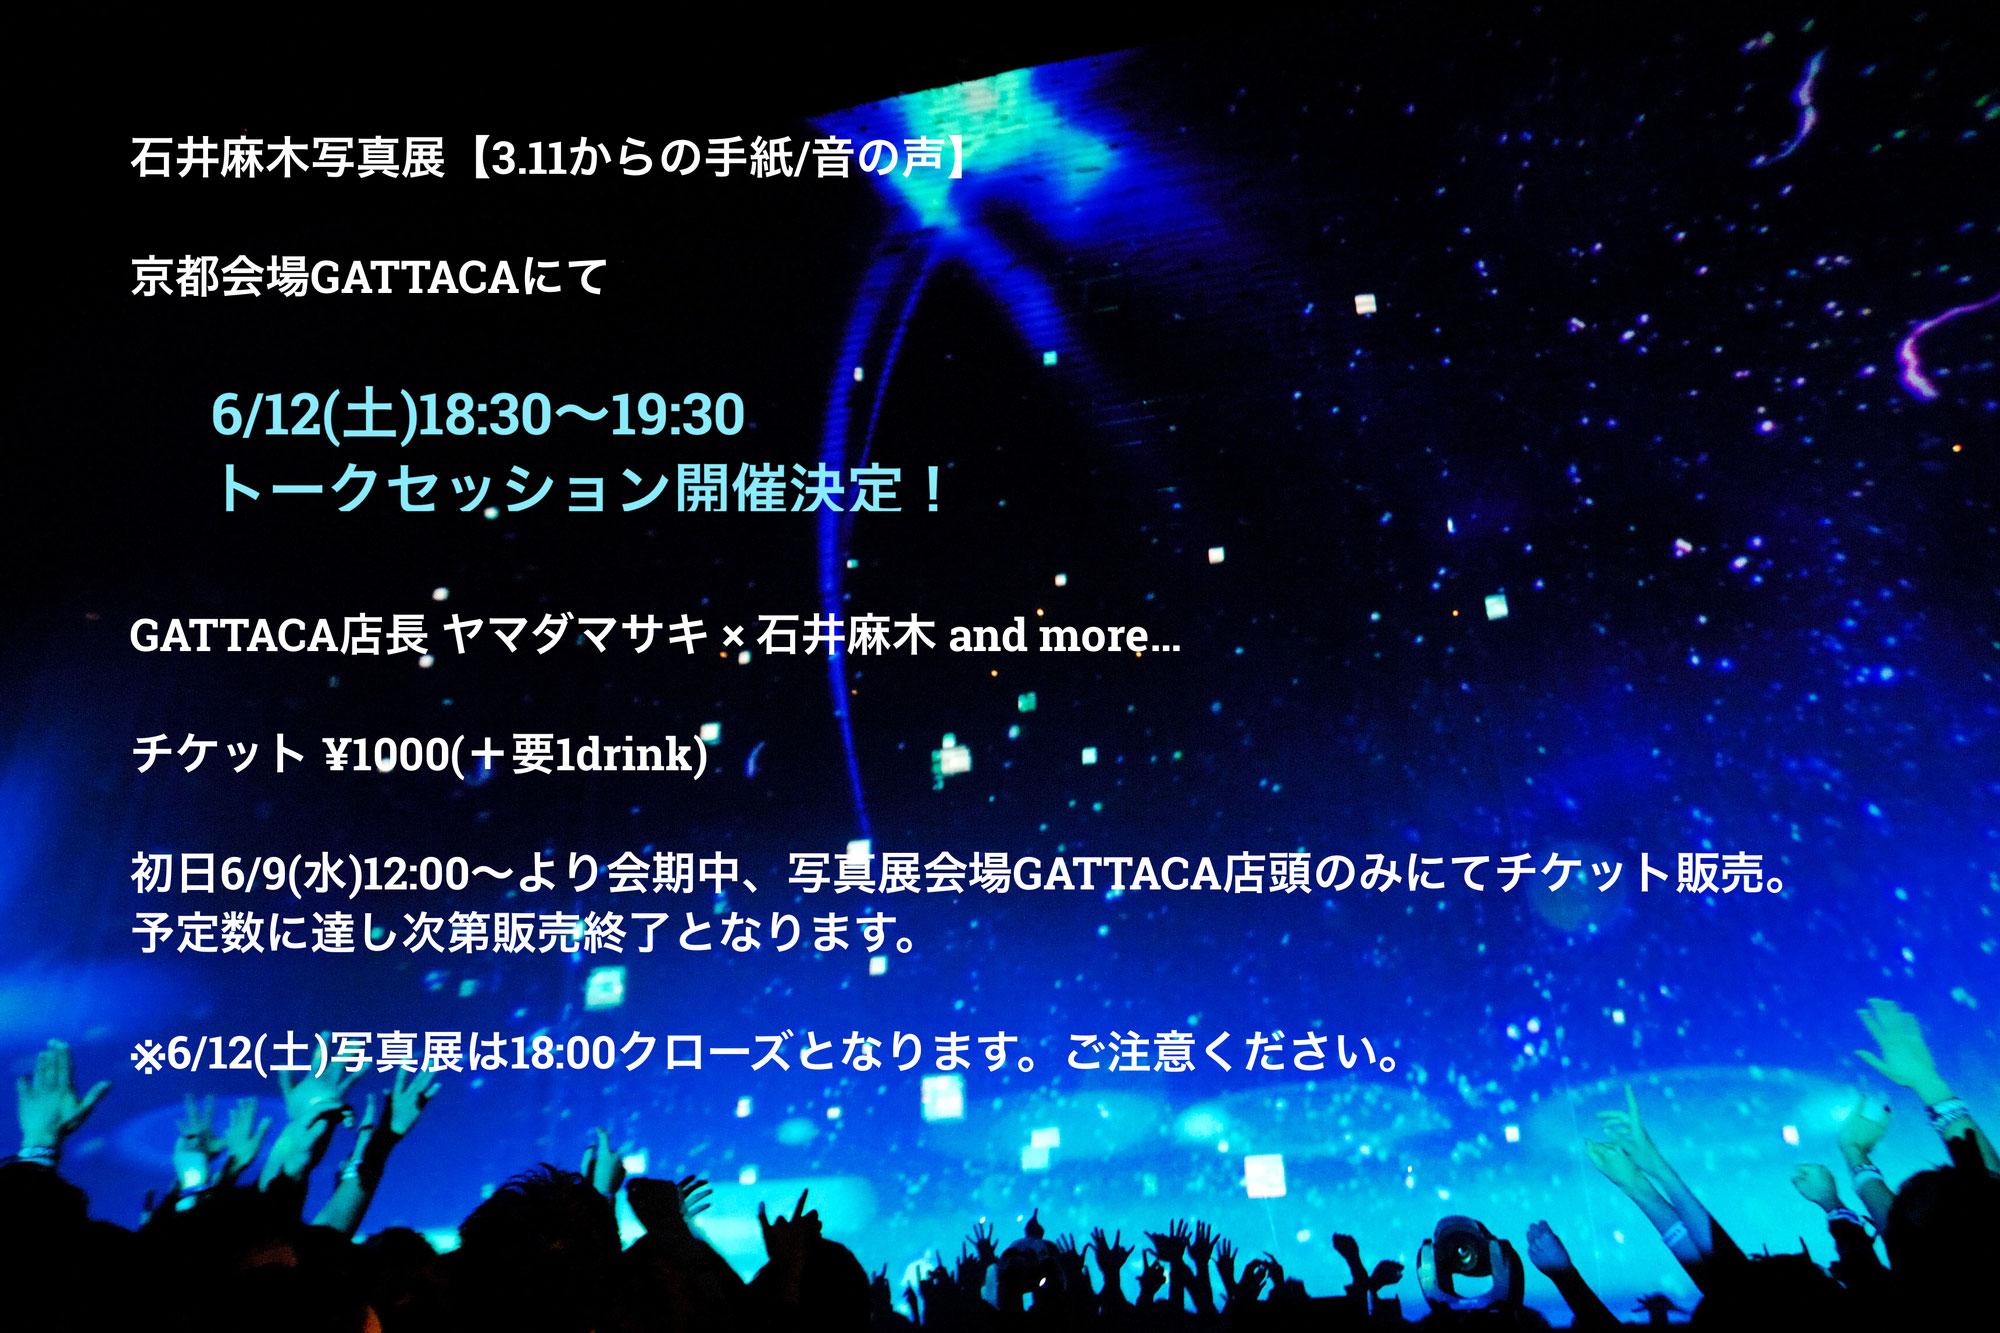 写真展京都会場にて6/12(土)トークセッション開催 決定!